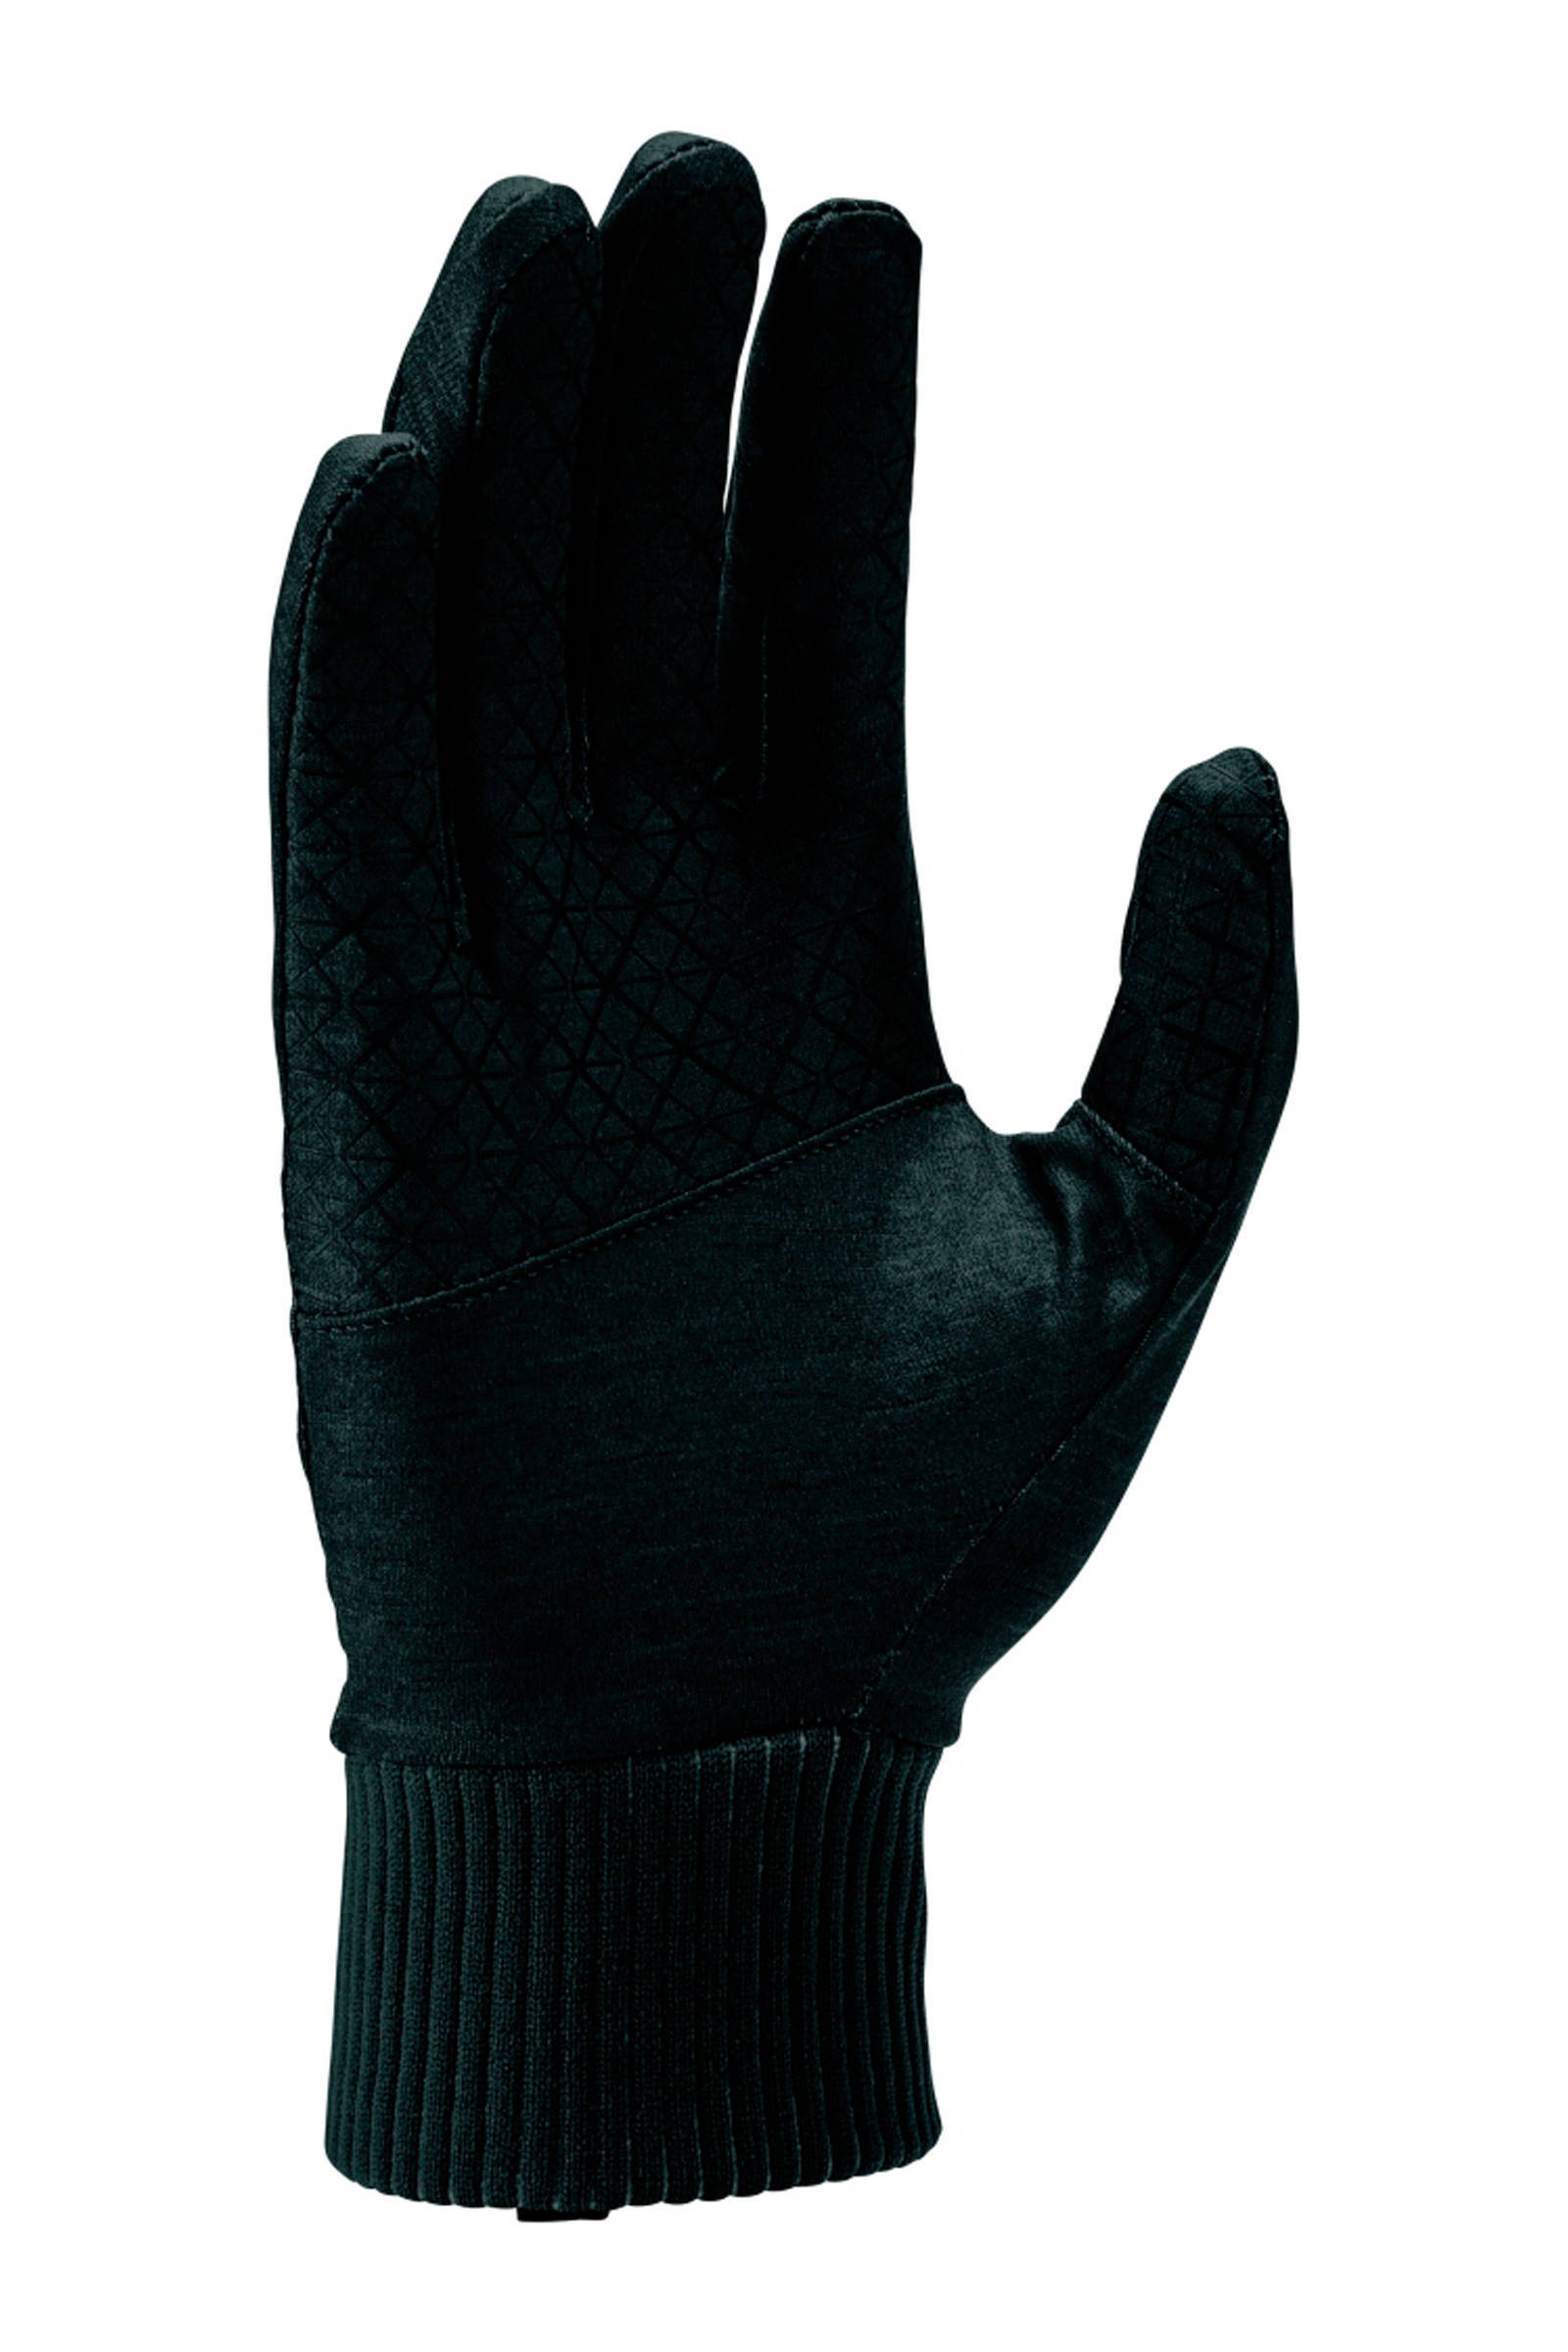 Sphere 2.0 handschoenen zwart